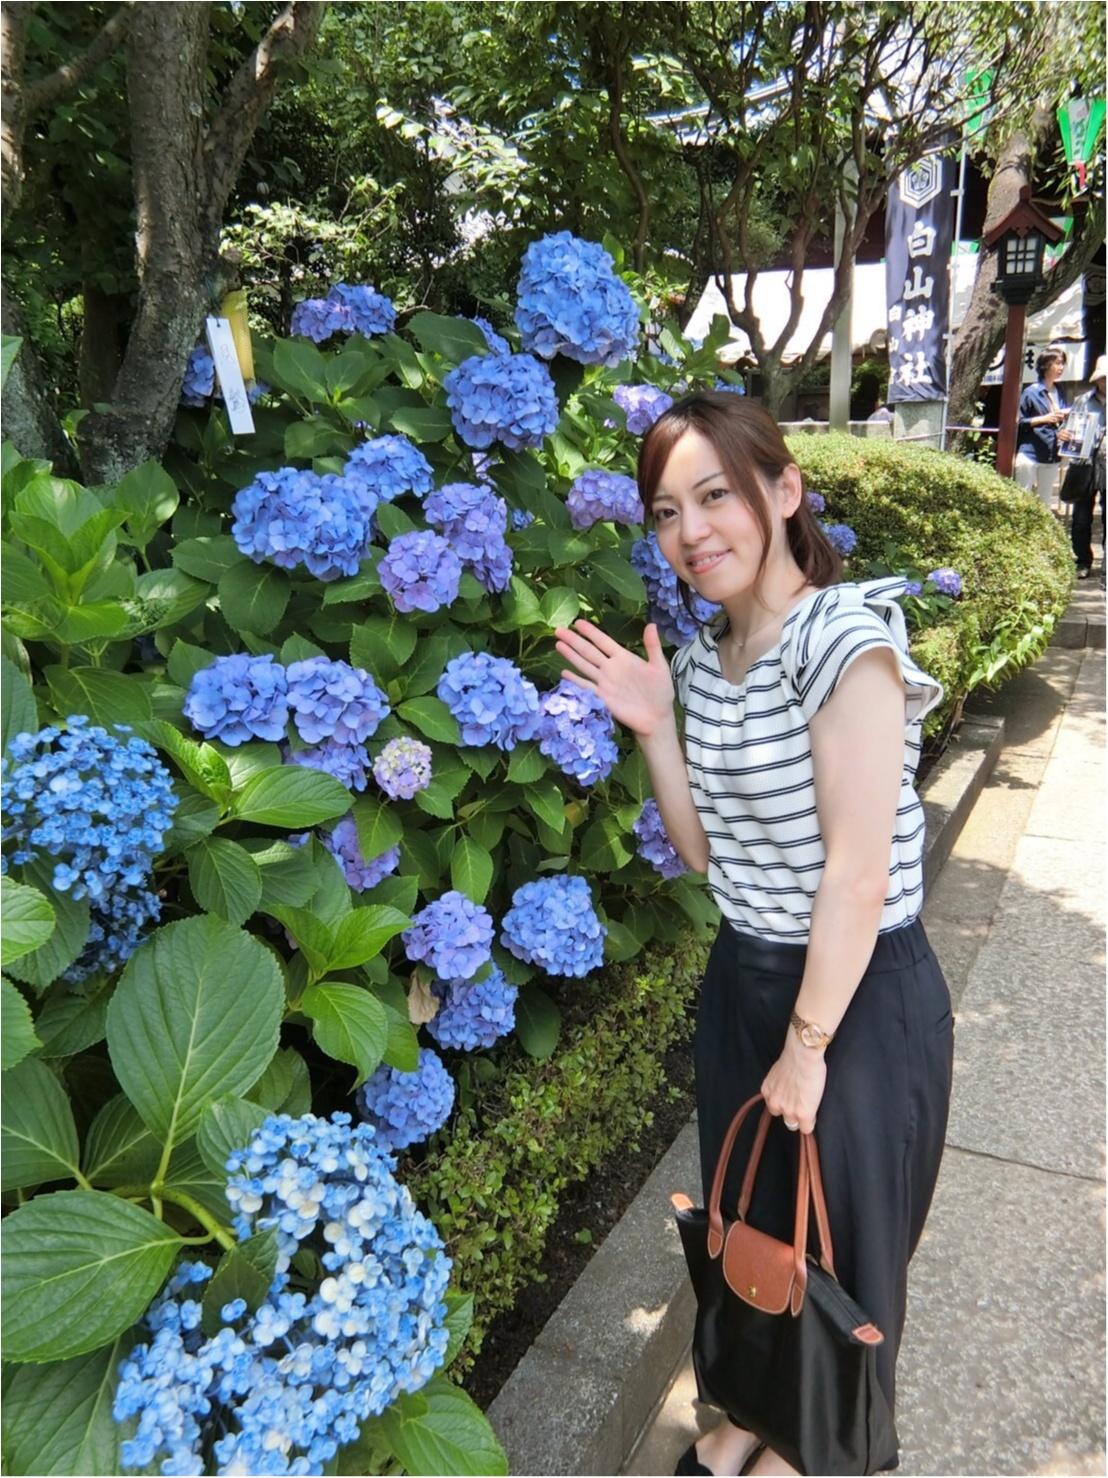 【今が見頃!】6月のおでかけは紫陽花まつりがおすすめ*写真映えするコーデのポイントも♡_6